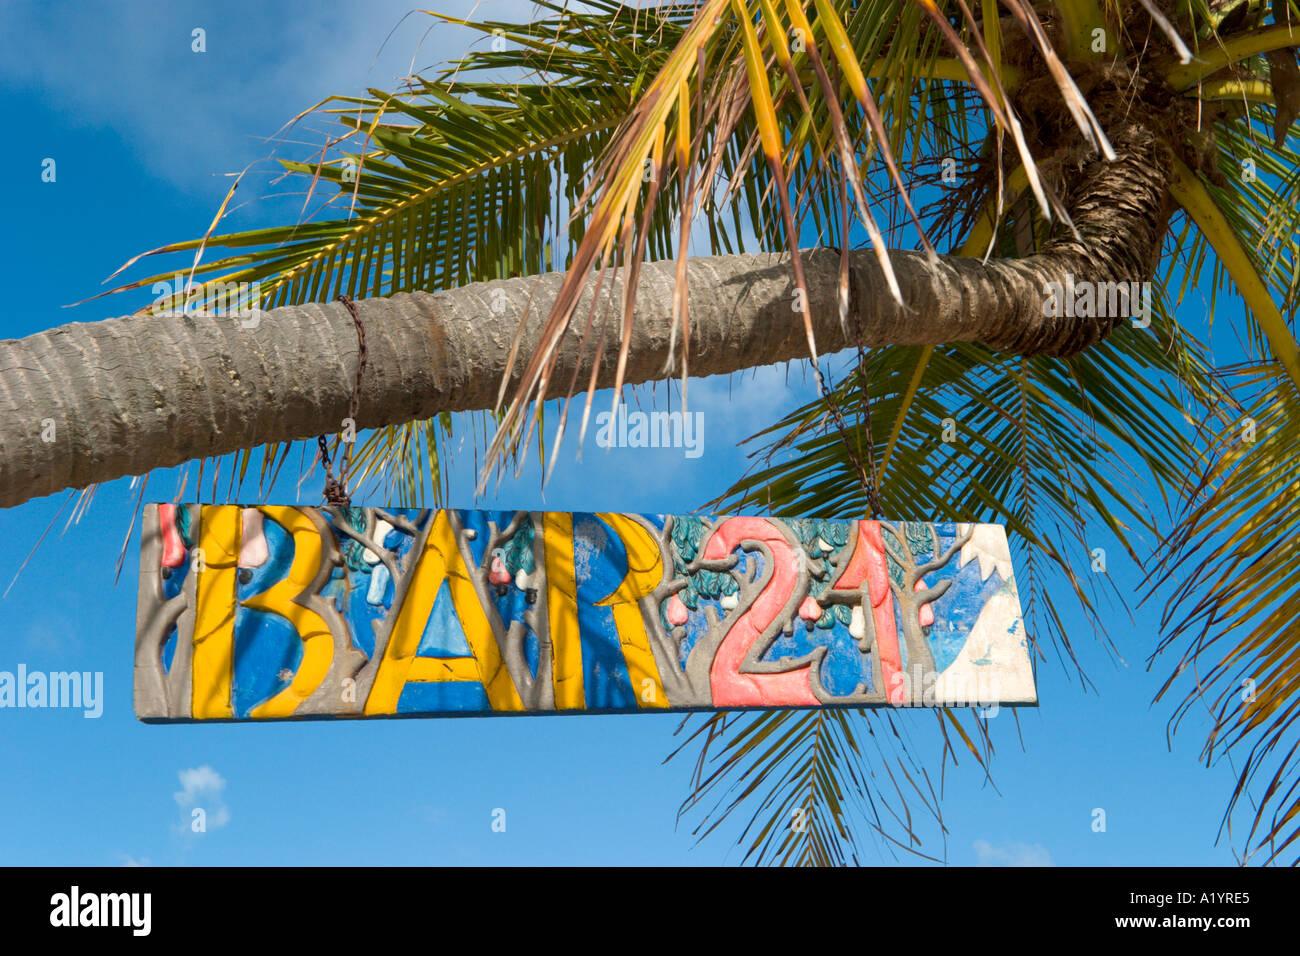 Sign for Beach Bar, Genipabu, Natal, Rio Grande do Norte, Brazil - Stock Image